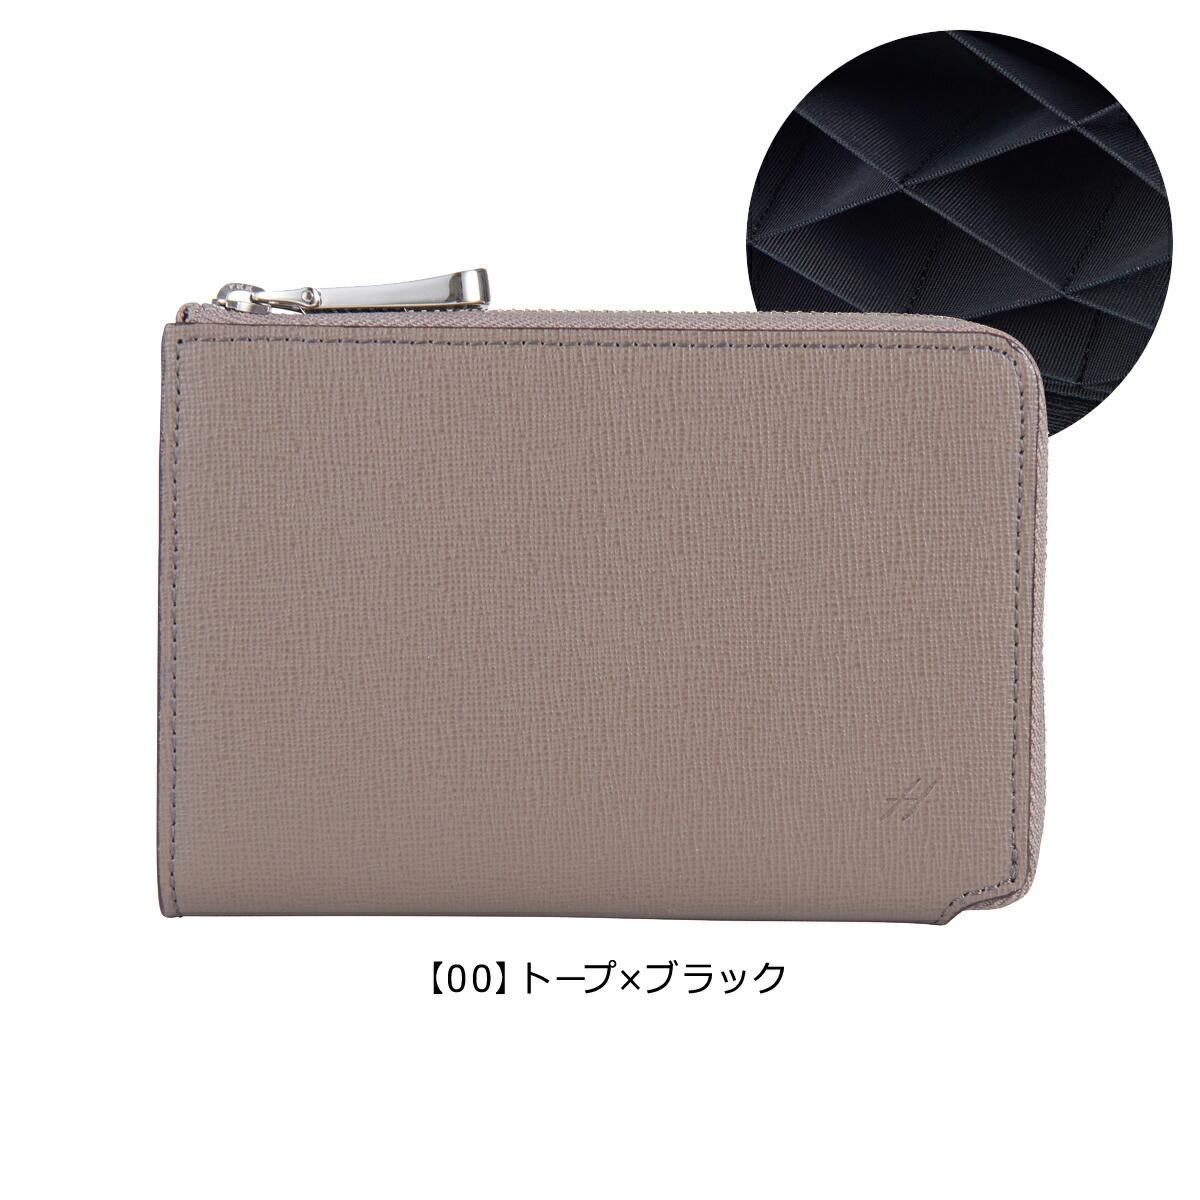 【00】トープ×ブラック